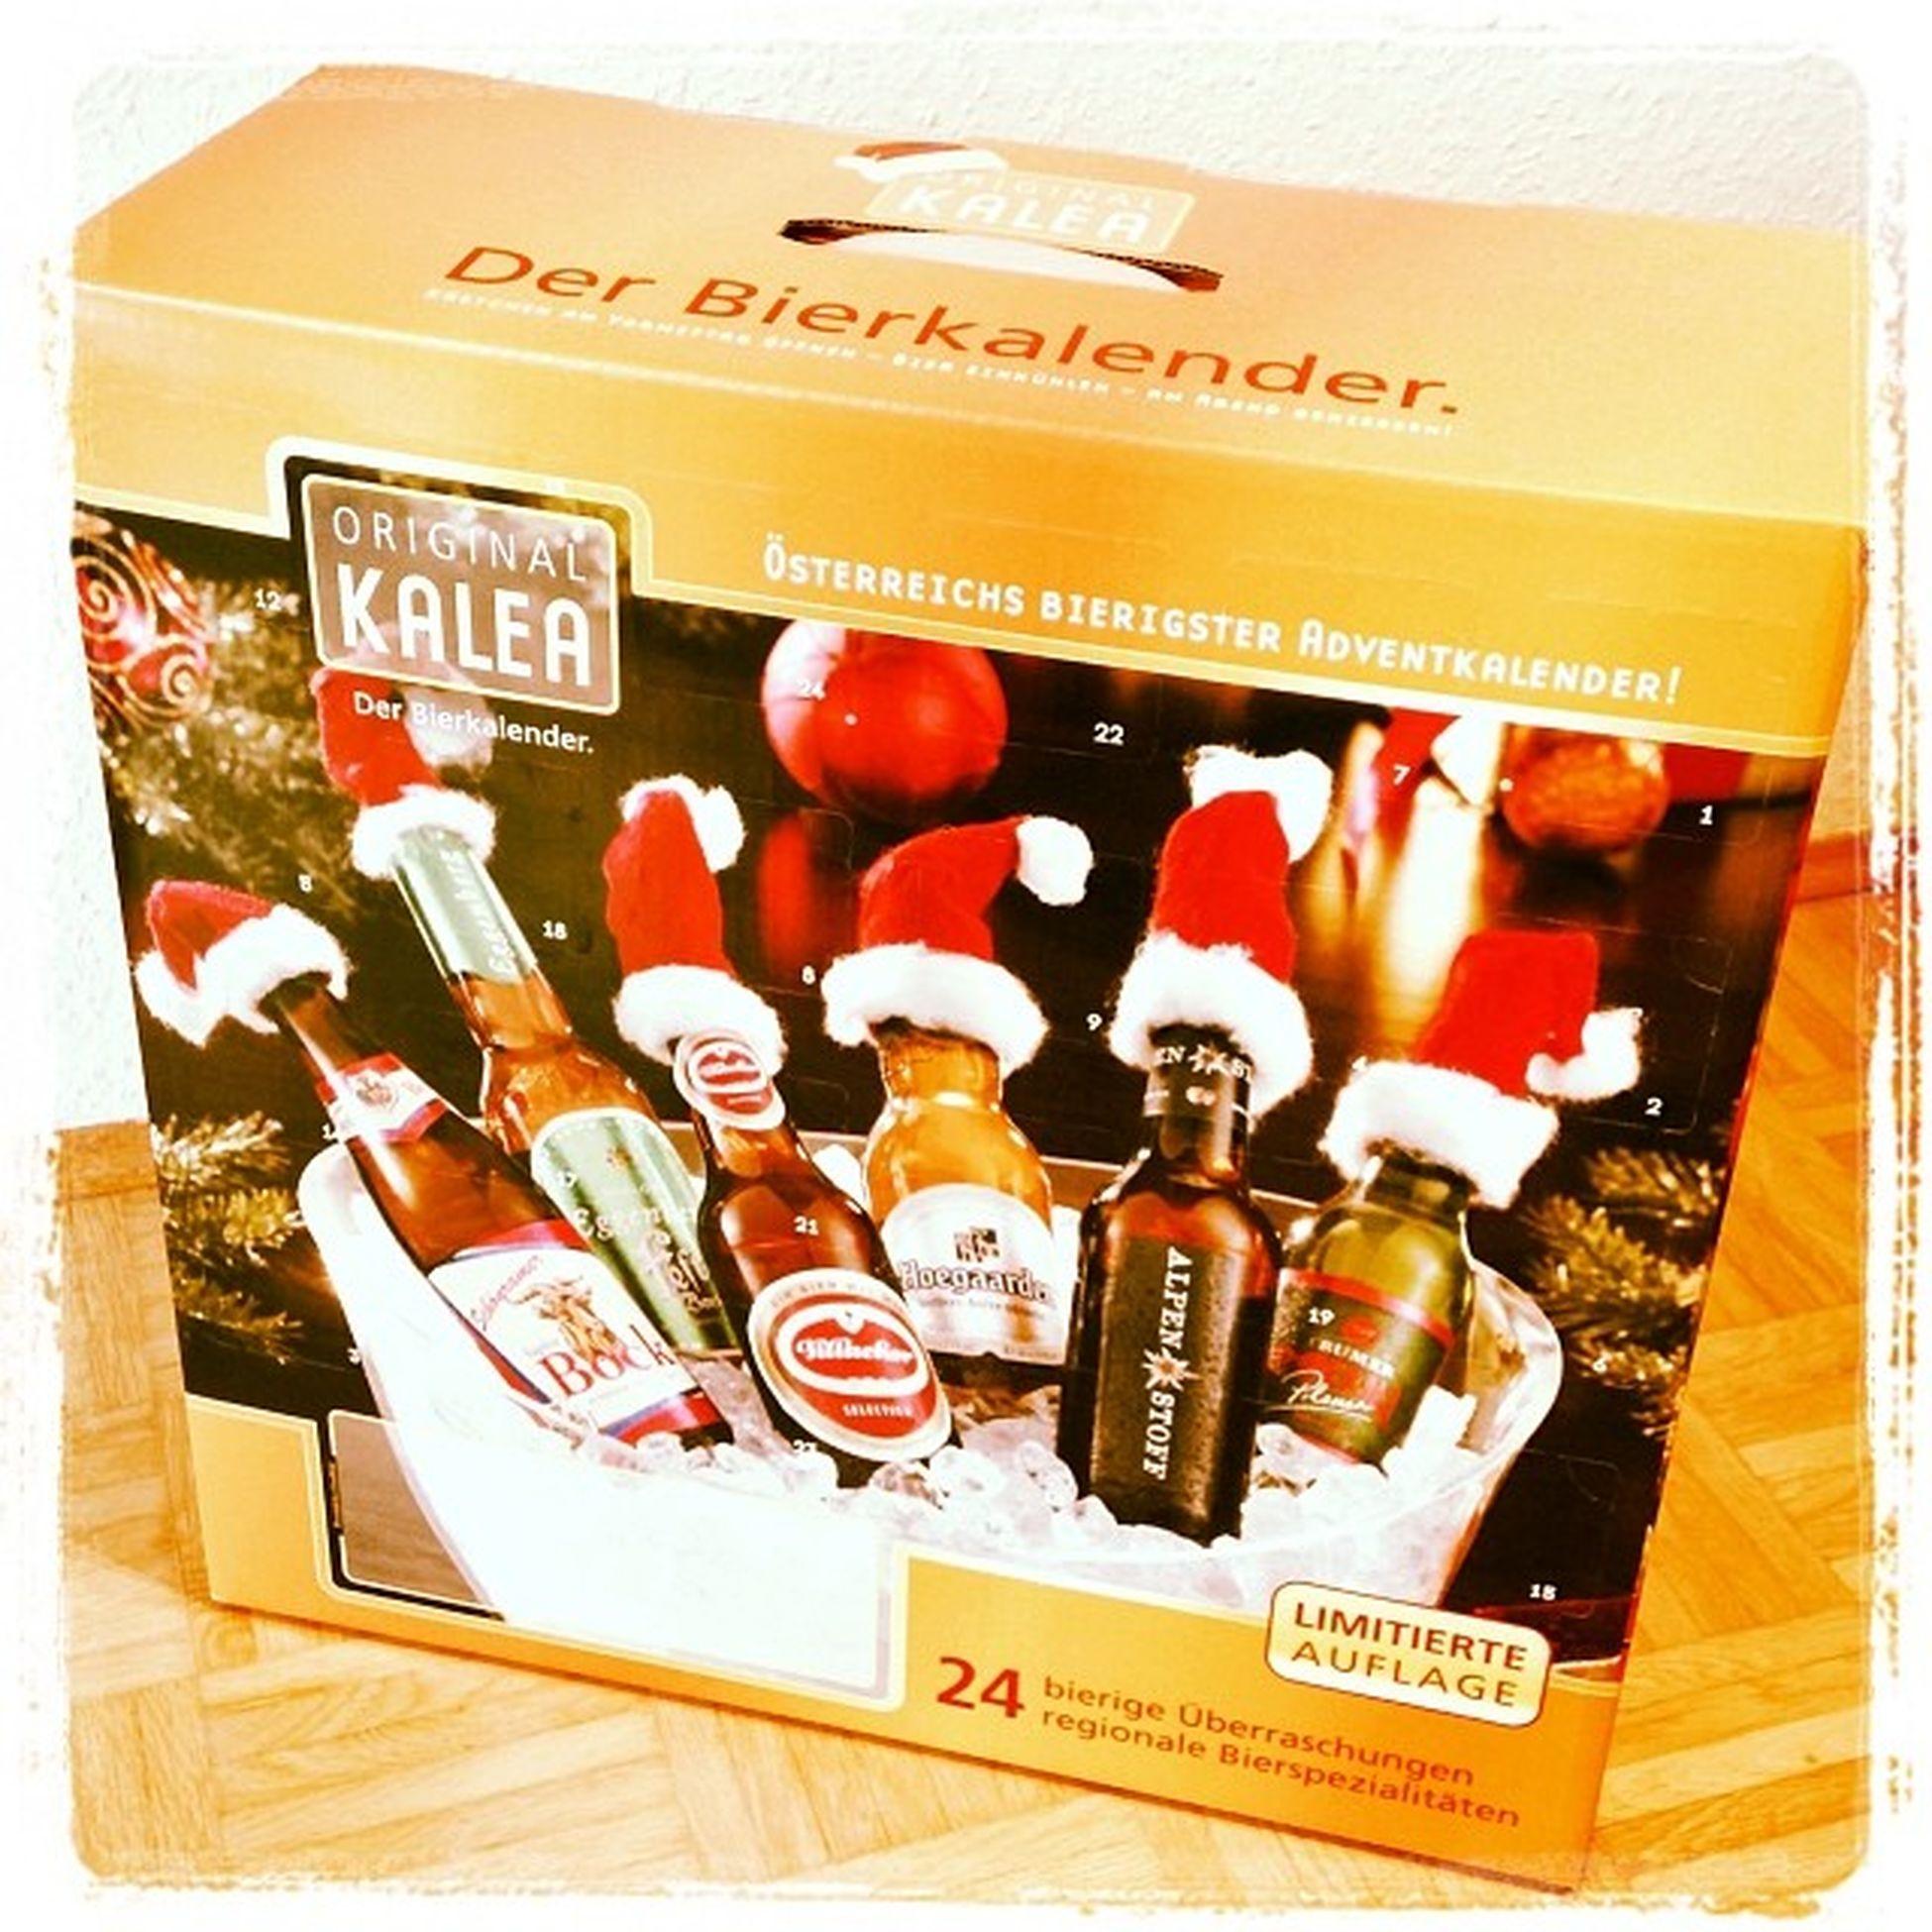 Was ich noch sagen wollte, mein Adventskalender ist da! #hach Bierkalender Beer Christmas Advent Weihnachten Adventskalender Hach Bier Austria Austrian Adventcalendar Beercalendar Kalea Adventkalender Oesterreichisch